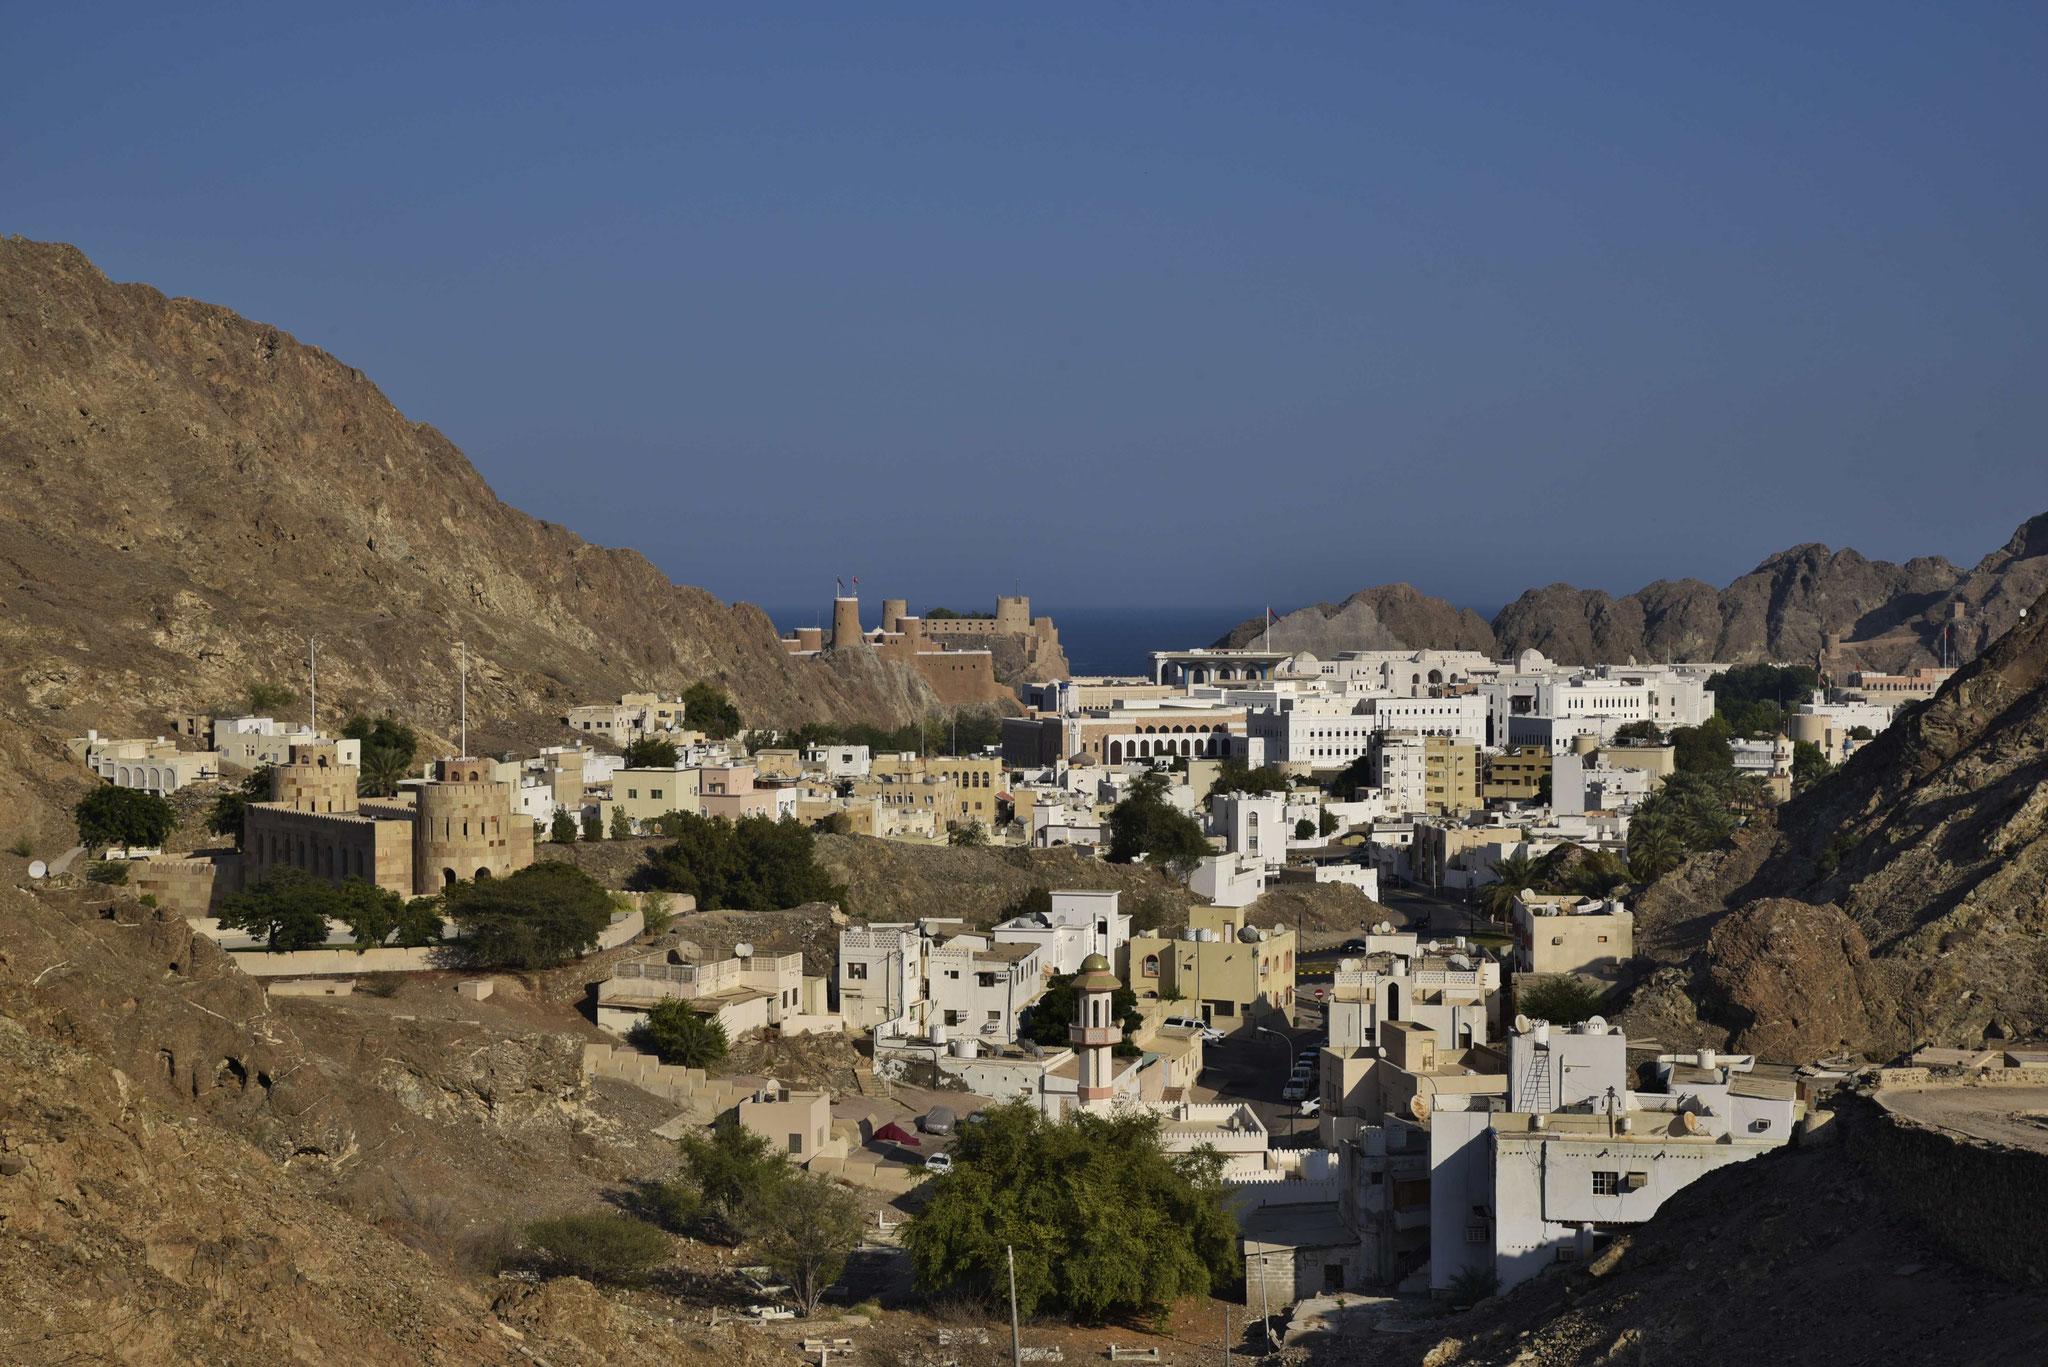 Muscat mit dem Regierungsviertel